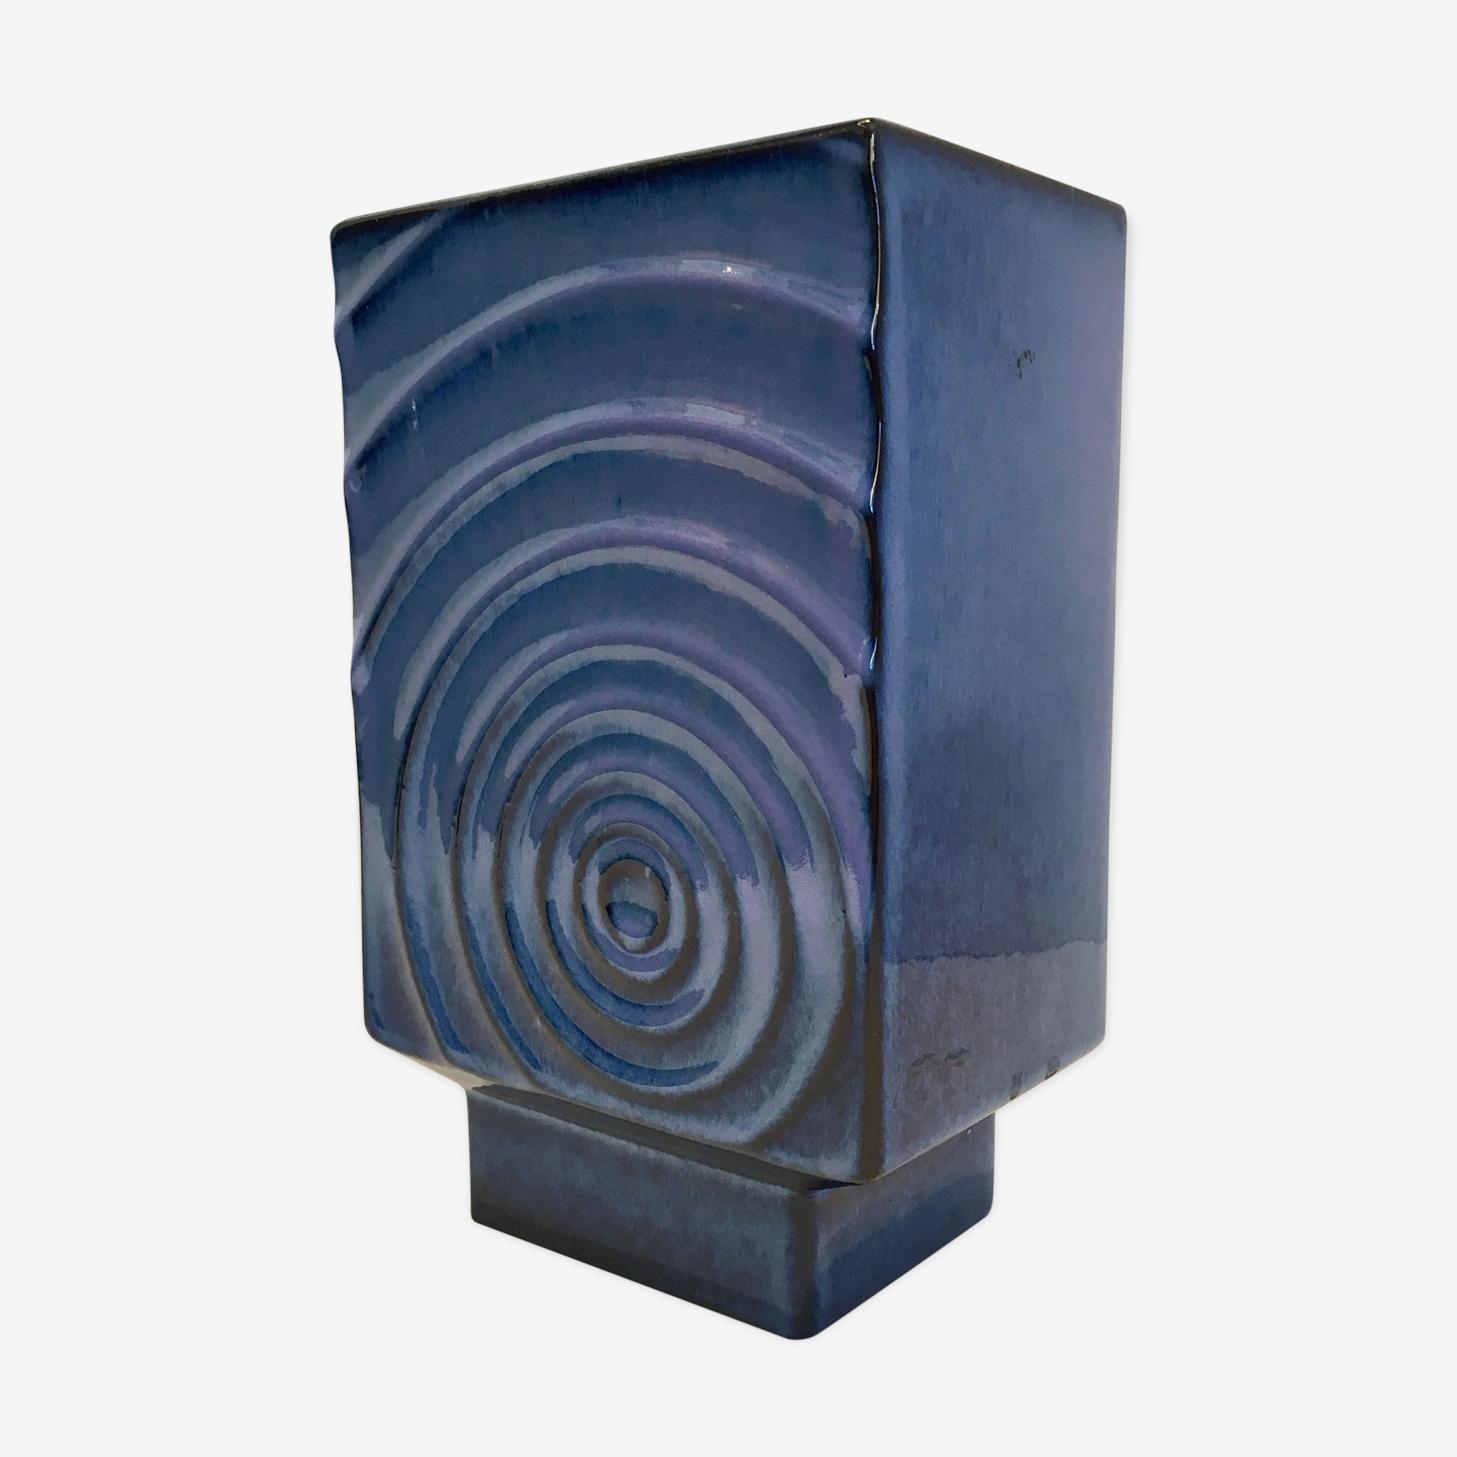 Vase céramique OPArt Cari Zalloni 1970 vintage